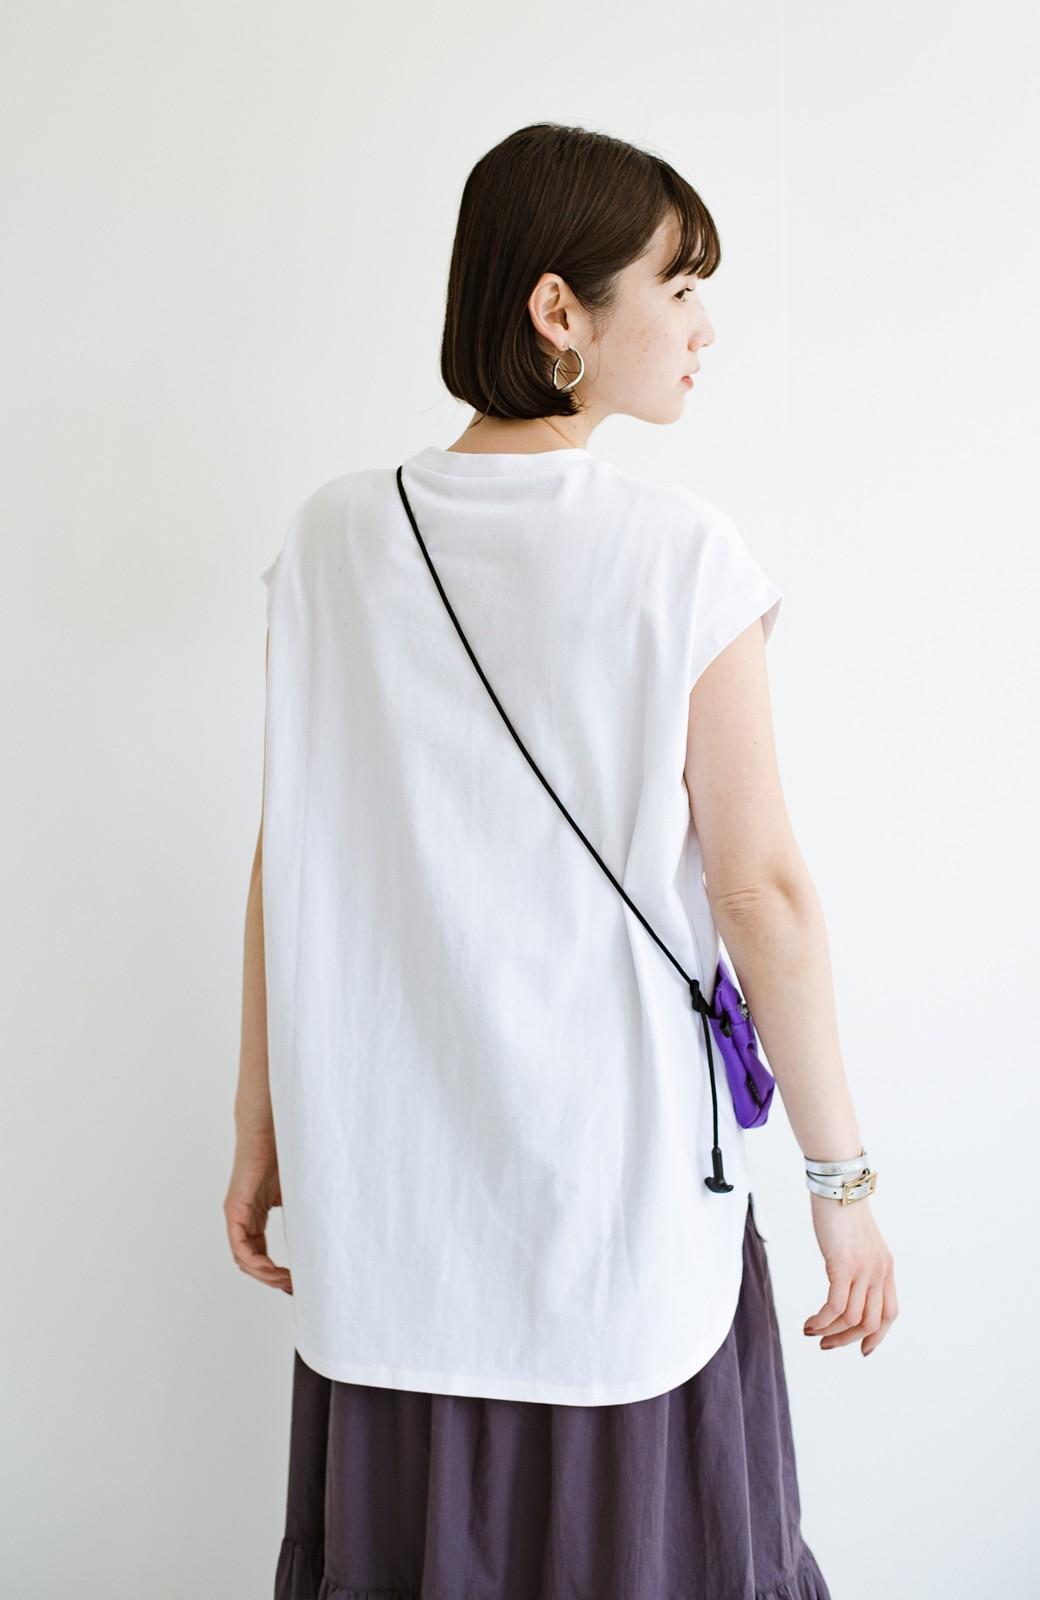 haco! 大人のTシャツこれならいける?!ちょい袖でかっこよく見せるTシャツ by que made me + PBP <ホワイト>の商品写真6